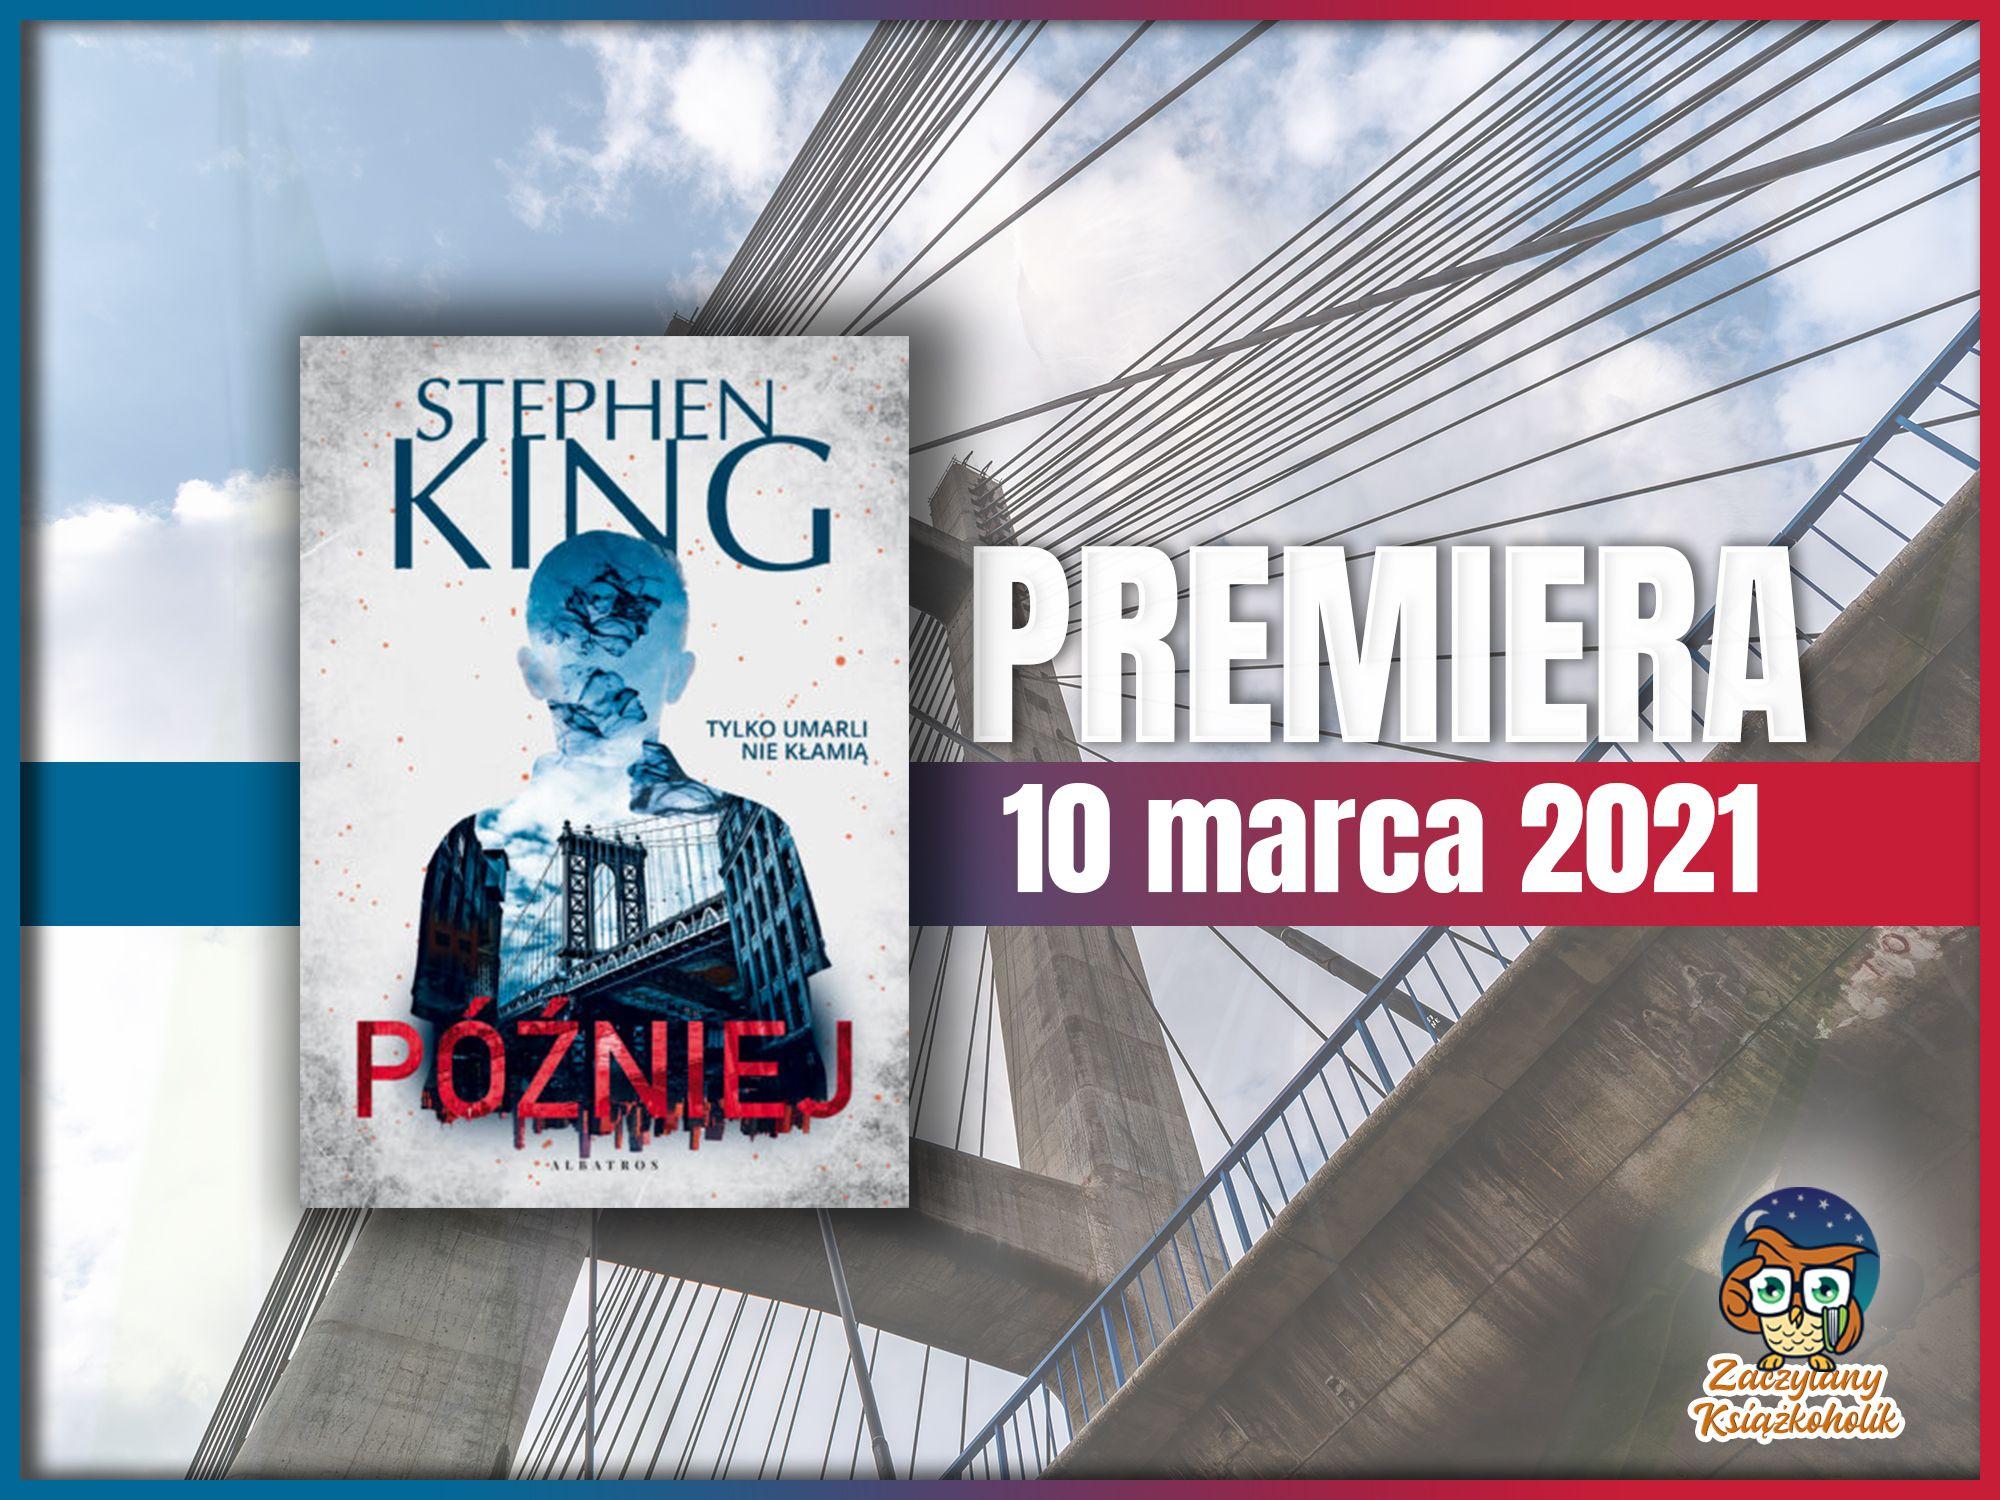 Później, Stephen King, zaczytanyksiazkoholik.pl